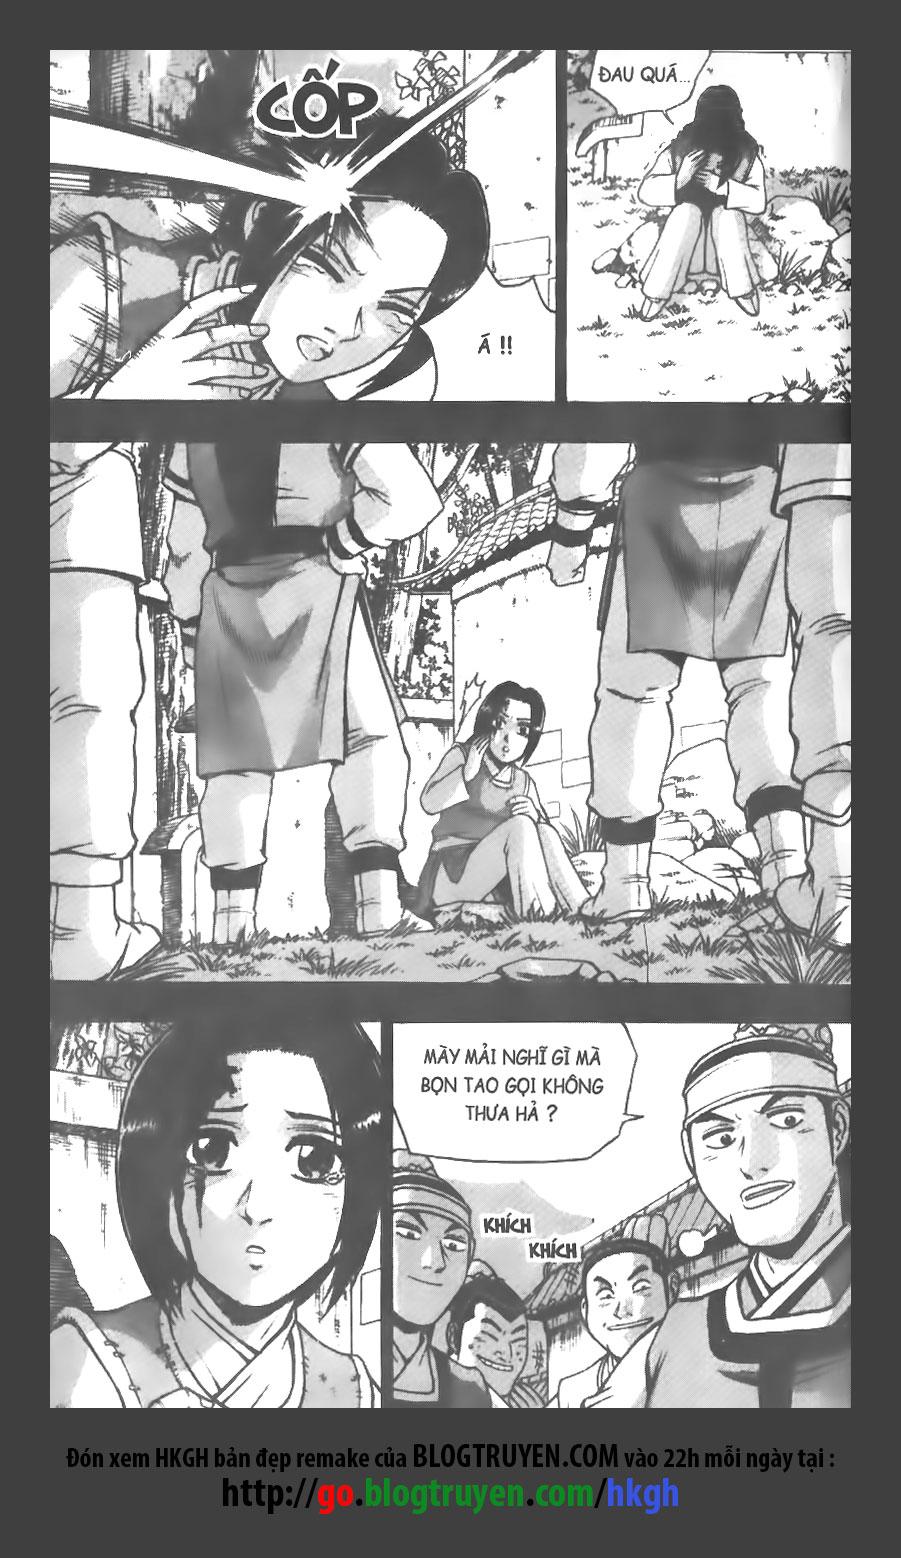 xem truyen moi - Hiệp Khách Giang Hồ Vol41 - Chap 279 - Remake